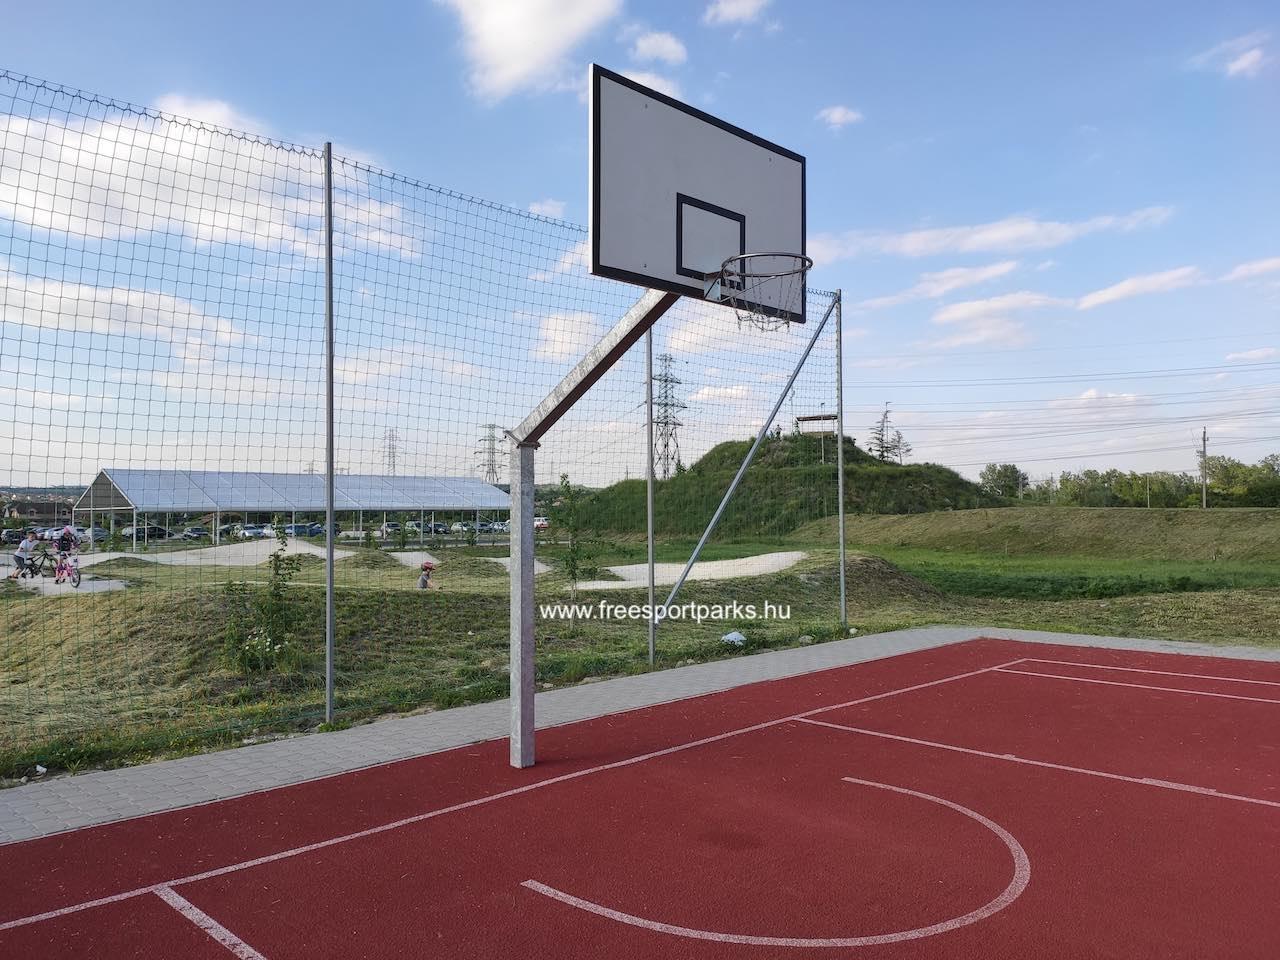 kosárlabda pálya - Érdliget szabadidőpark - Free Sport Parks térkép